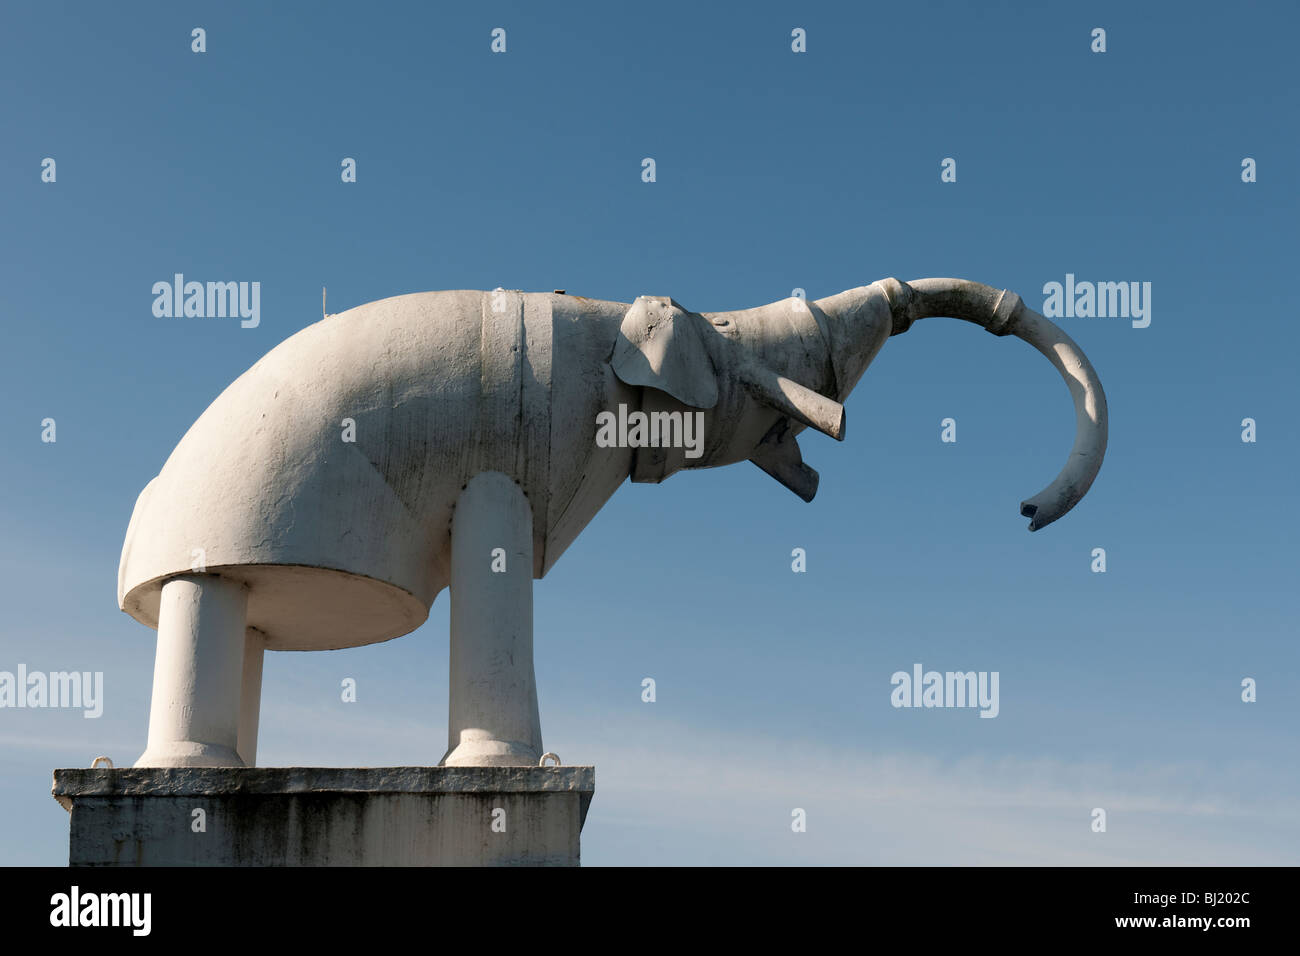 Tubo di calcestruzzo elefante a Camberley Surrey - 1 Immagini Stock